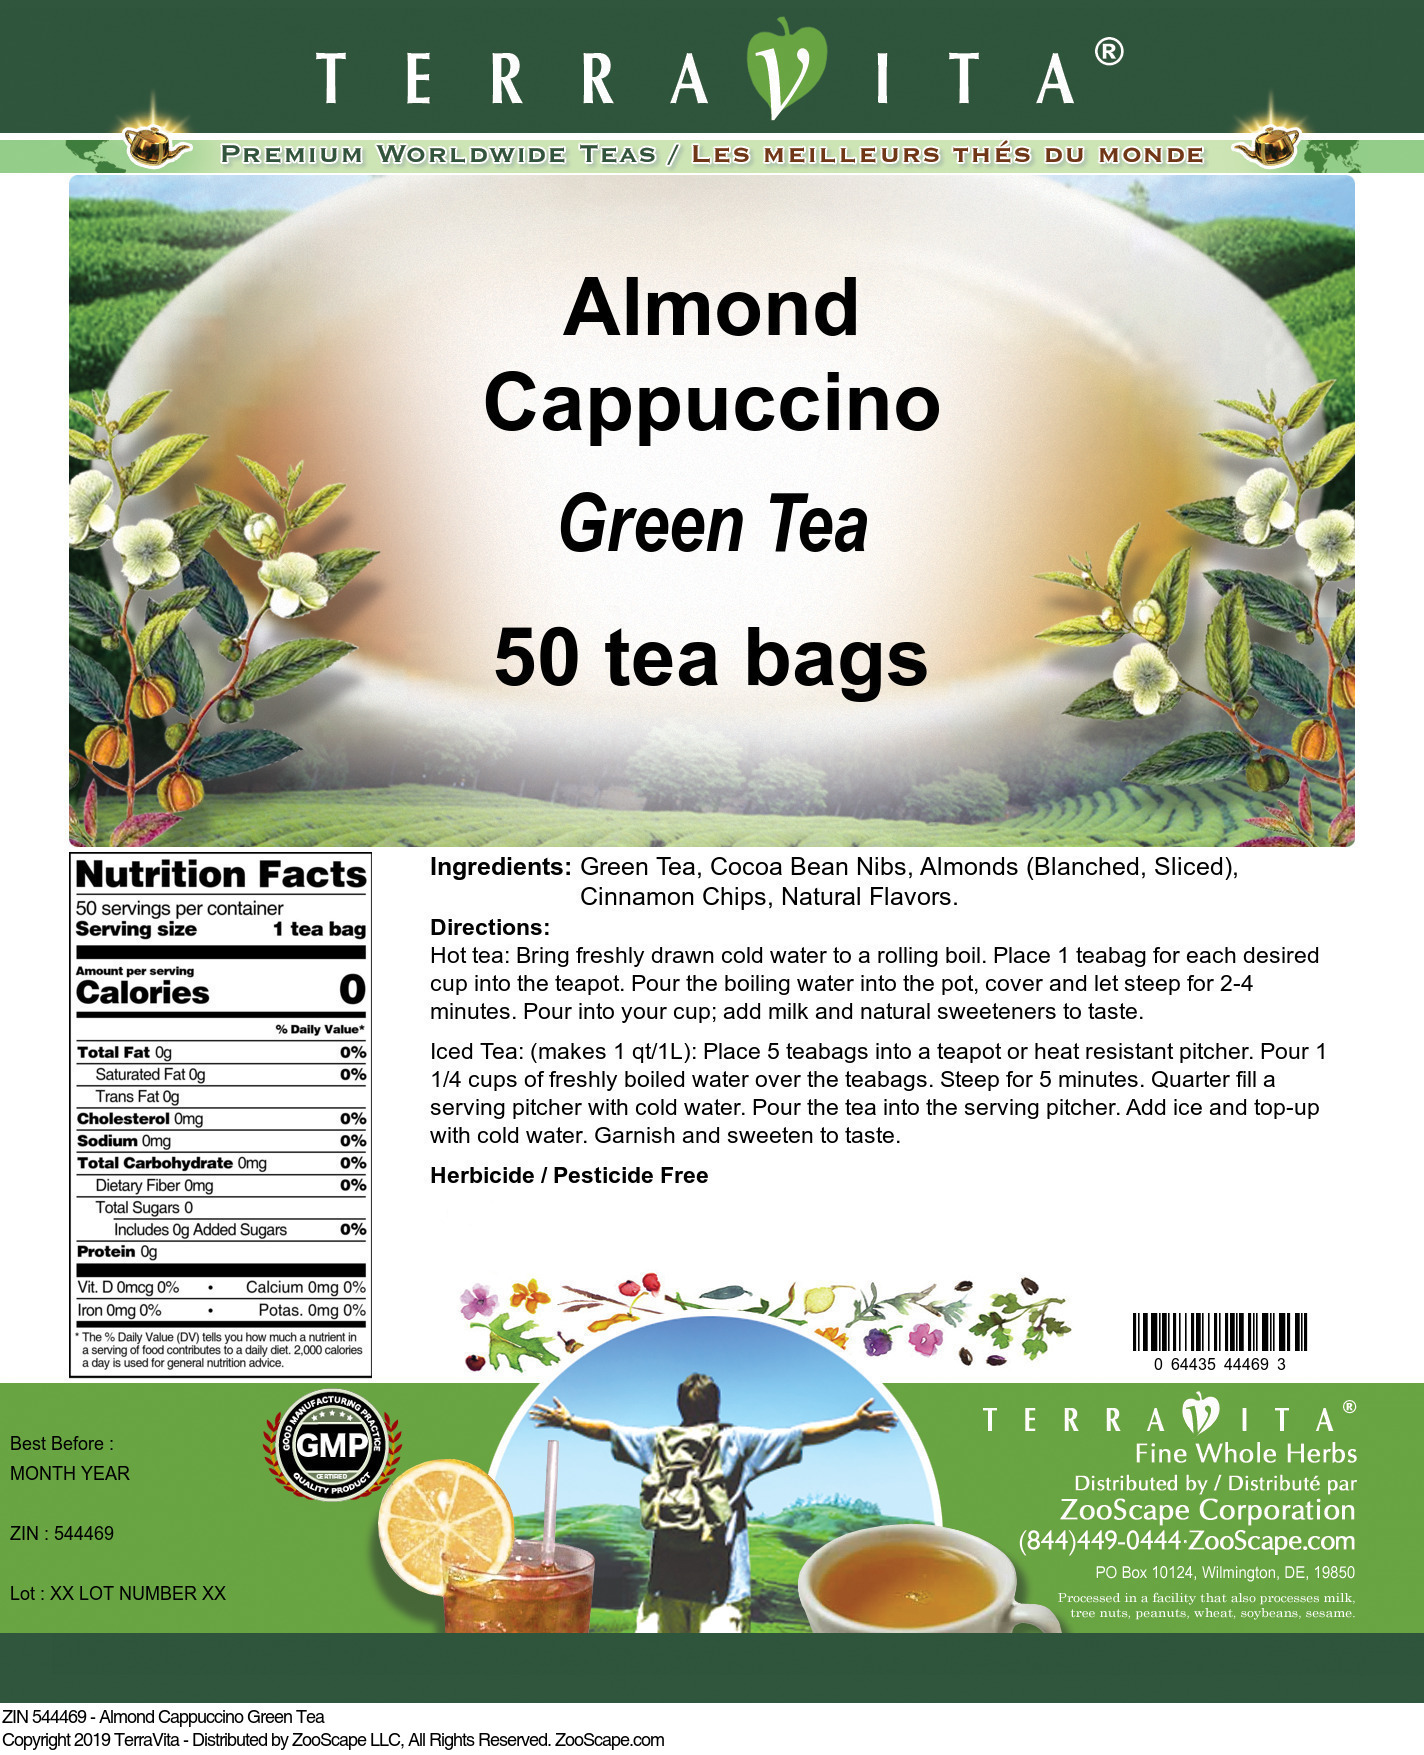 Almond Cappuccino Green Tea